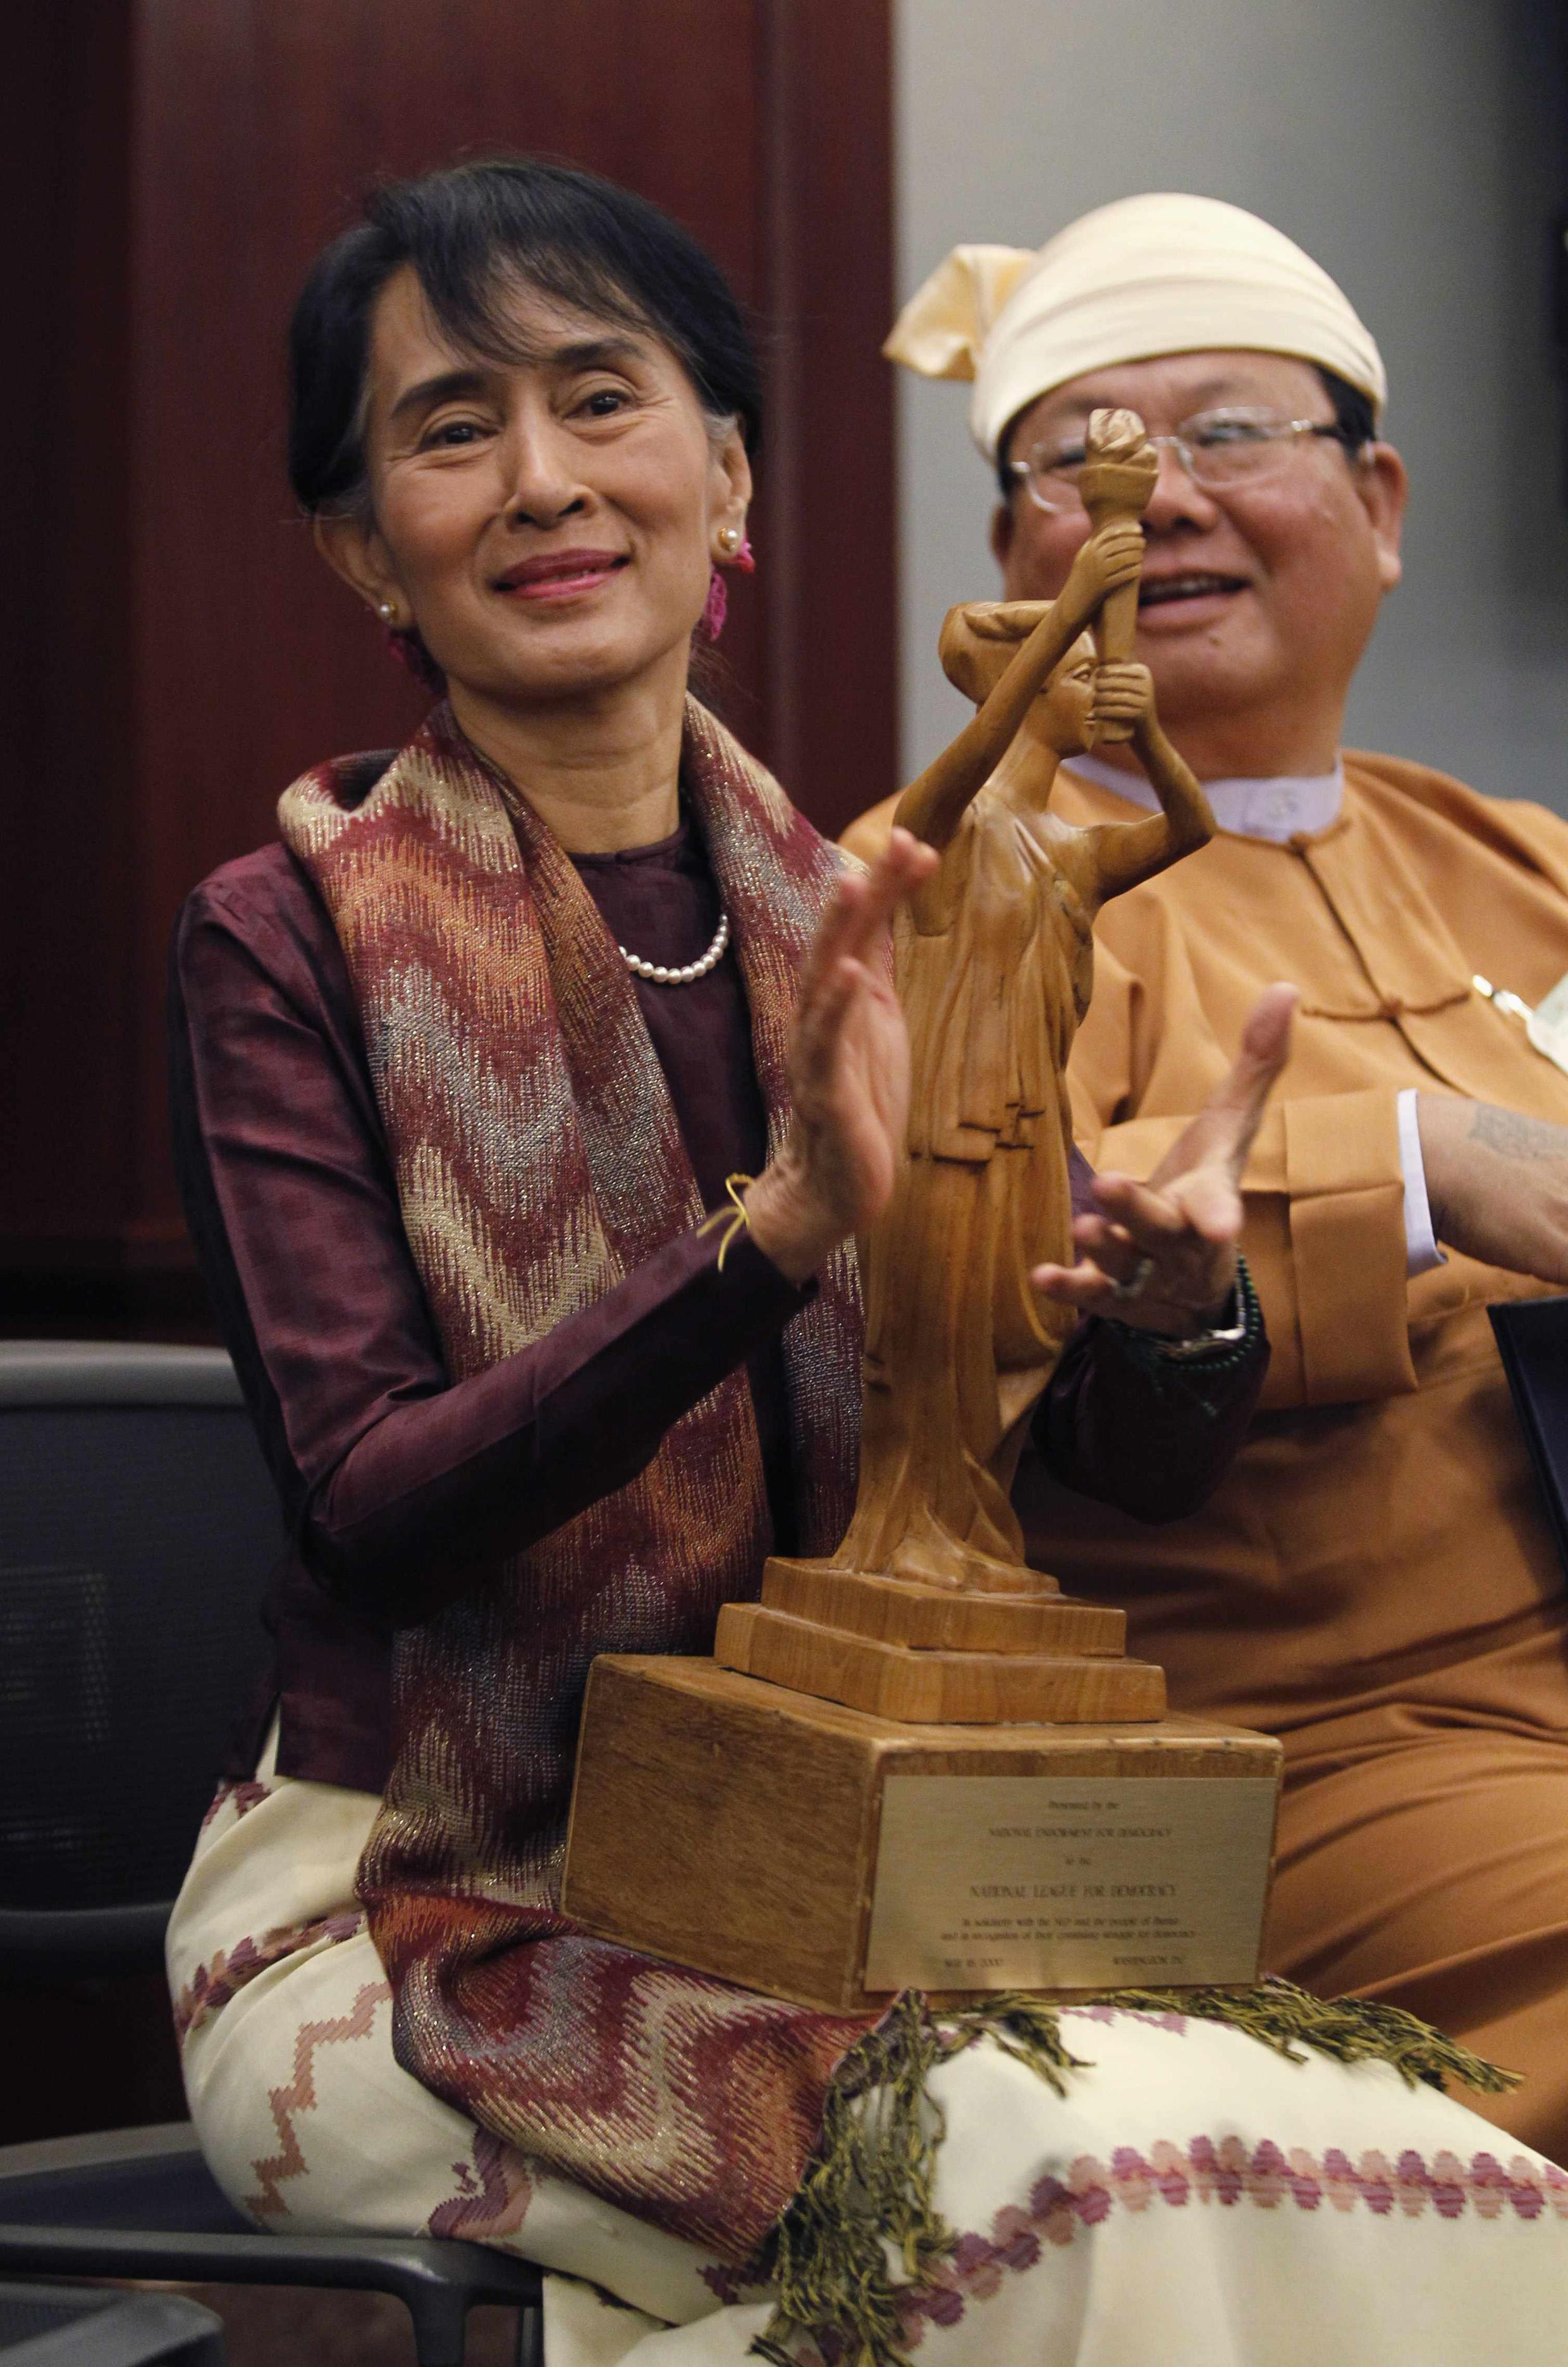 Nhà đối lập Miến Điện Aung San Suu Kyi trong buổi lễ nhận giải thưởng dân chủ tại Washington ngày 20/09/2012.